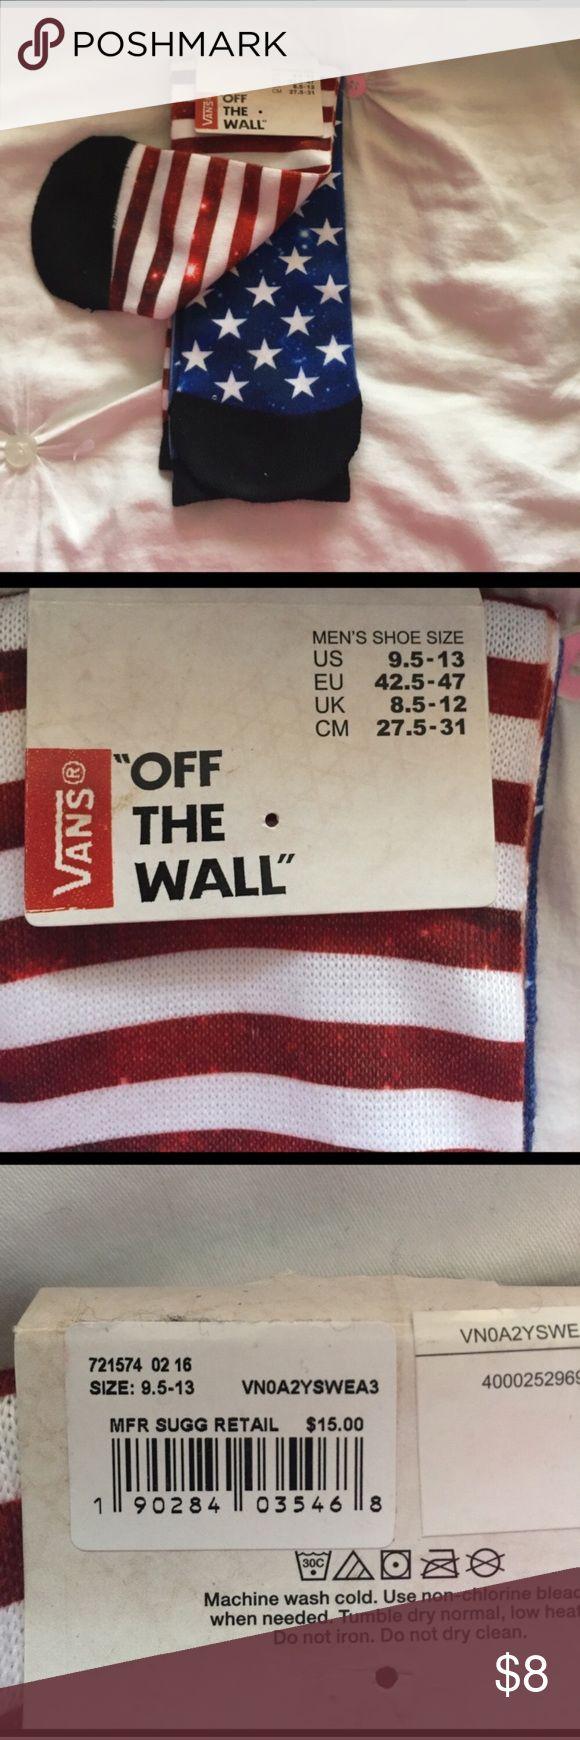 Vans American Flag Socks Vans American Flag Socks Vans Underwear & Socks Casual Socks